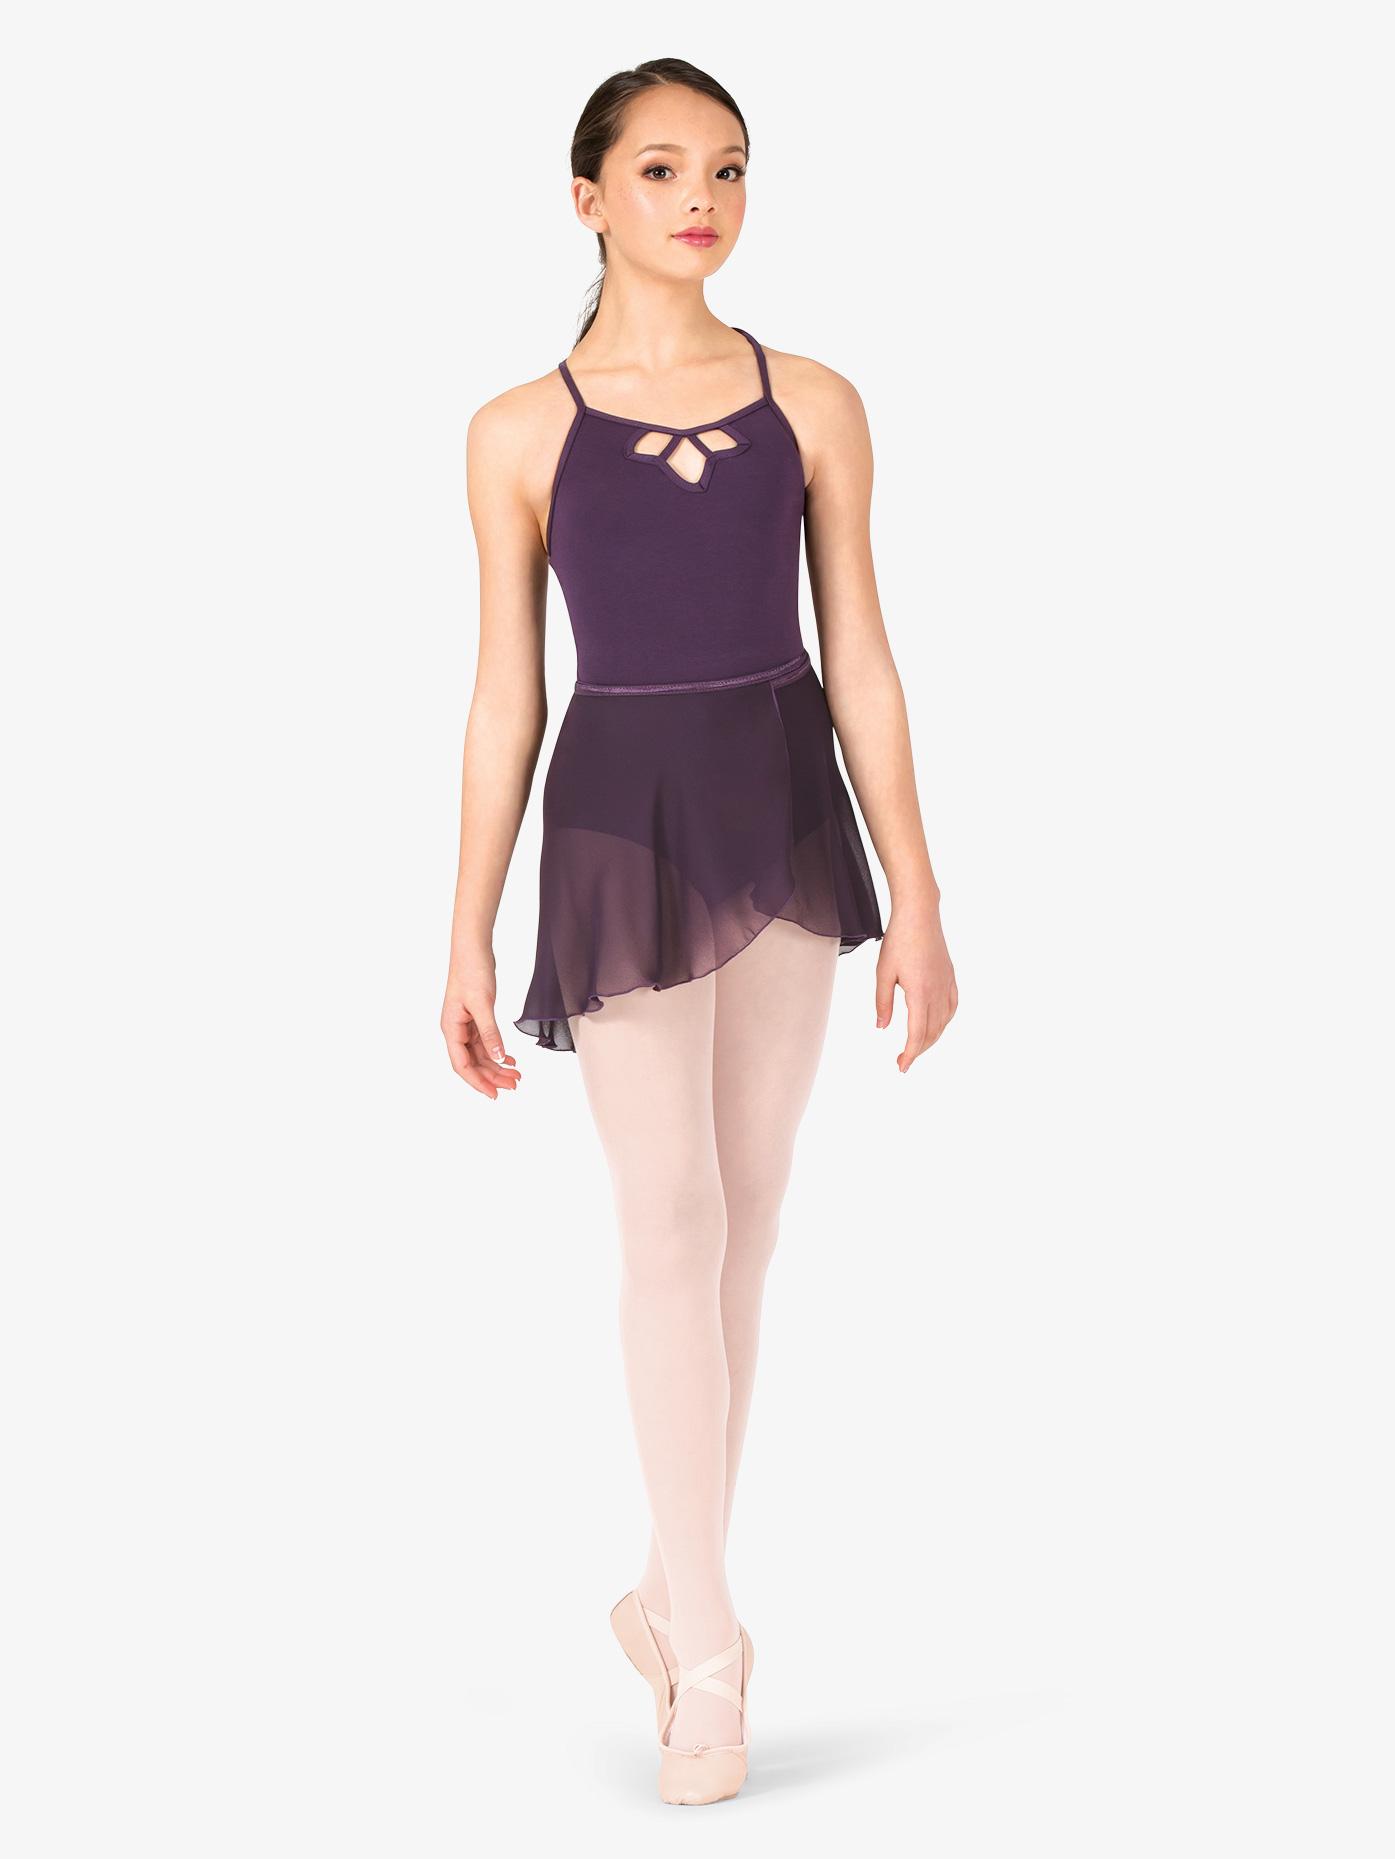 Natalie Girls Short Sheer Ballet Wrap Skirt P69C